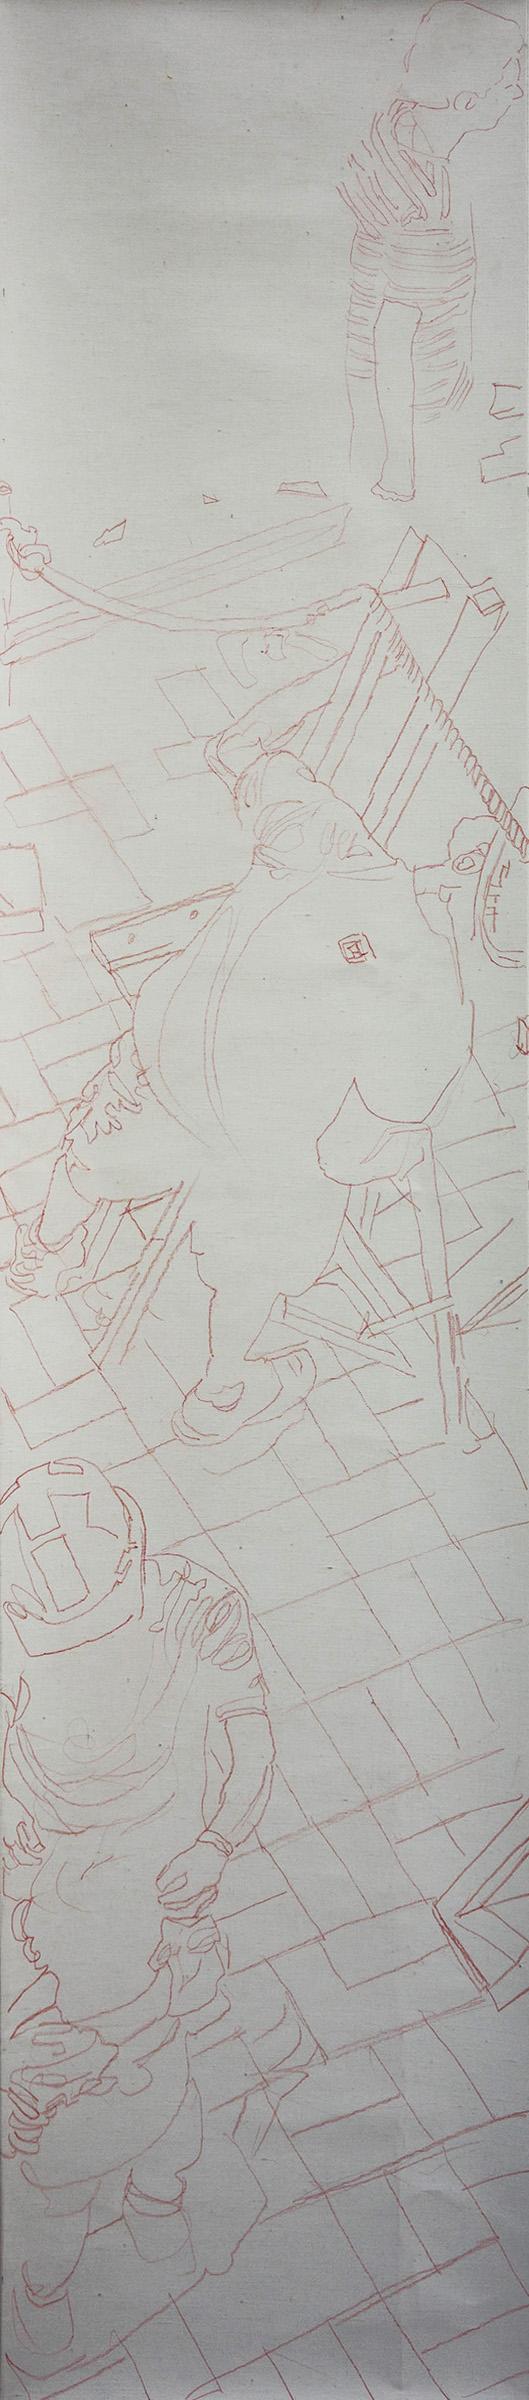 site-6-23-15 Parade 45 drawing.jpg